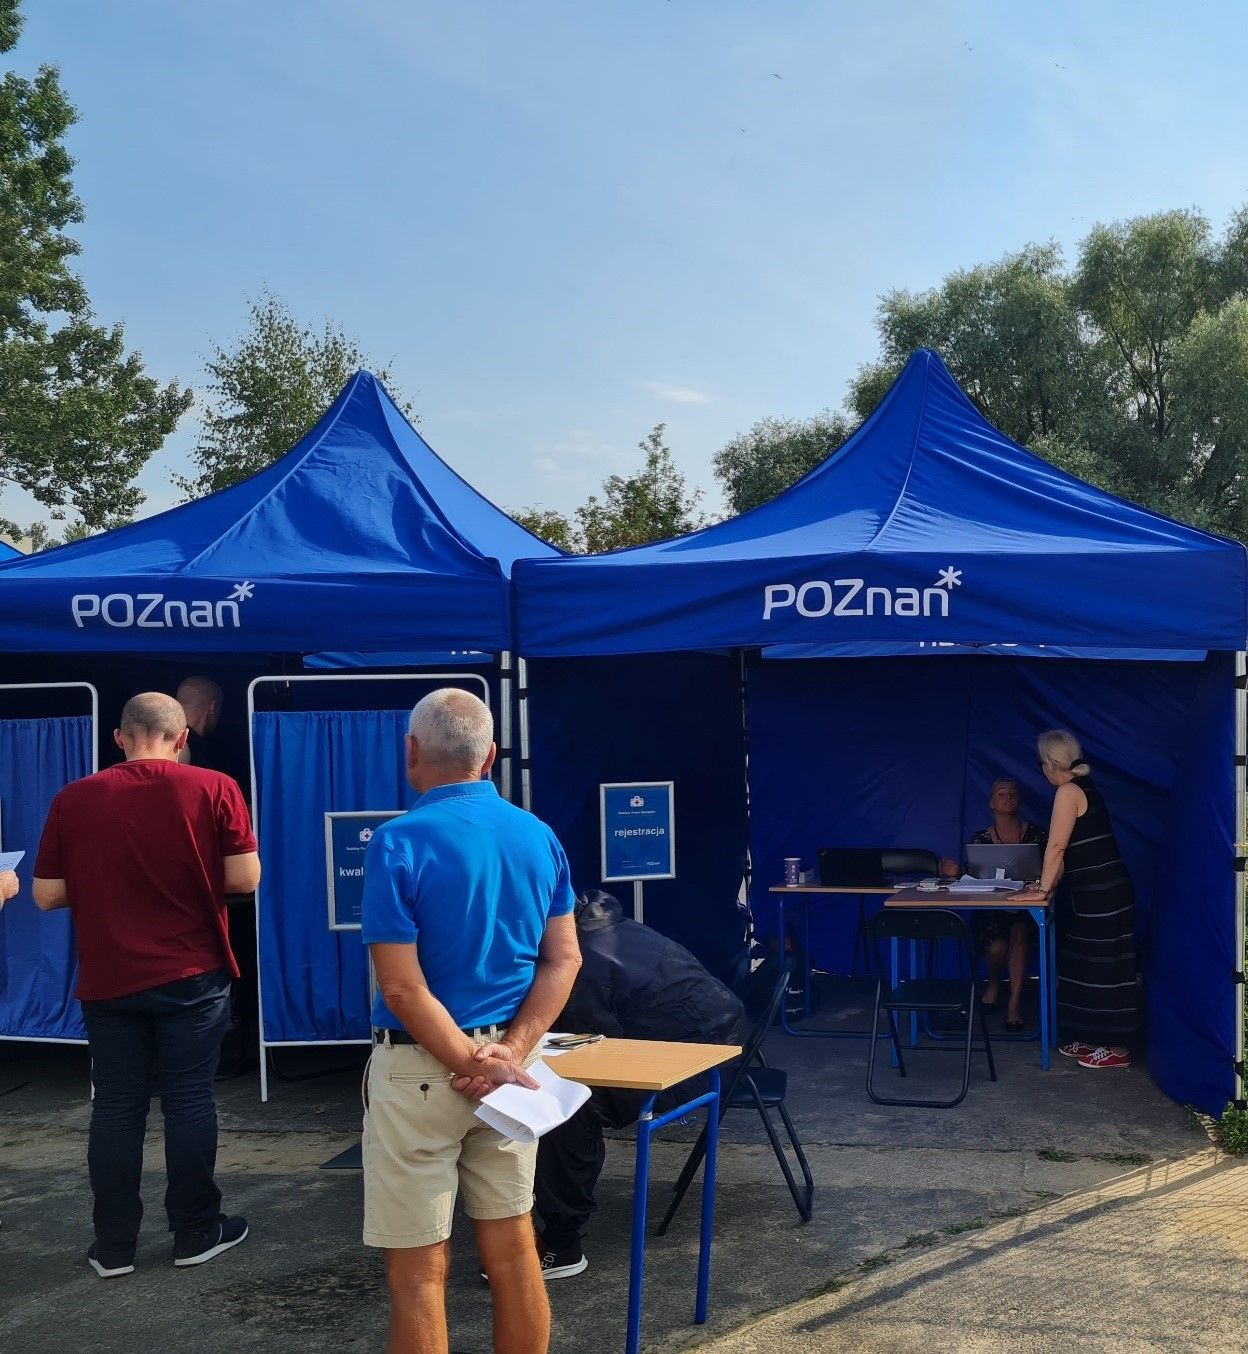 Zdjęcie przedstawia mobilny punkt szczepień: dwa niebieskie namioty z logo Poznań, na pierwszym planie osoby oczekujące na szczepienie